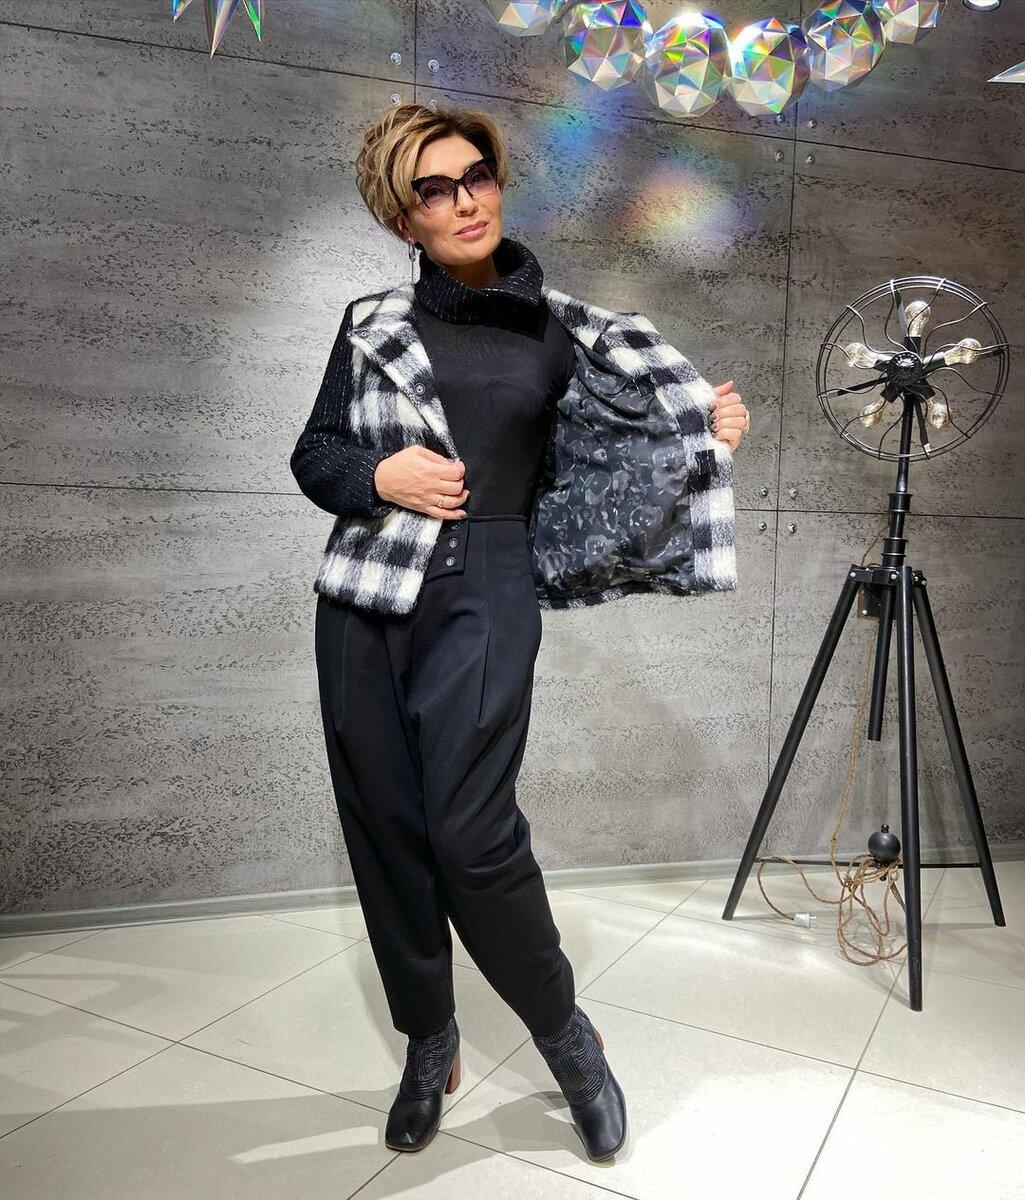 @konarevairina / С чем носить жакет, чтобы выглядеть на миллион? /Фото: instagram.com